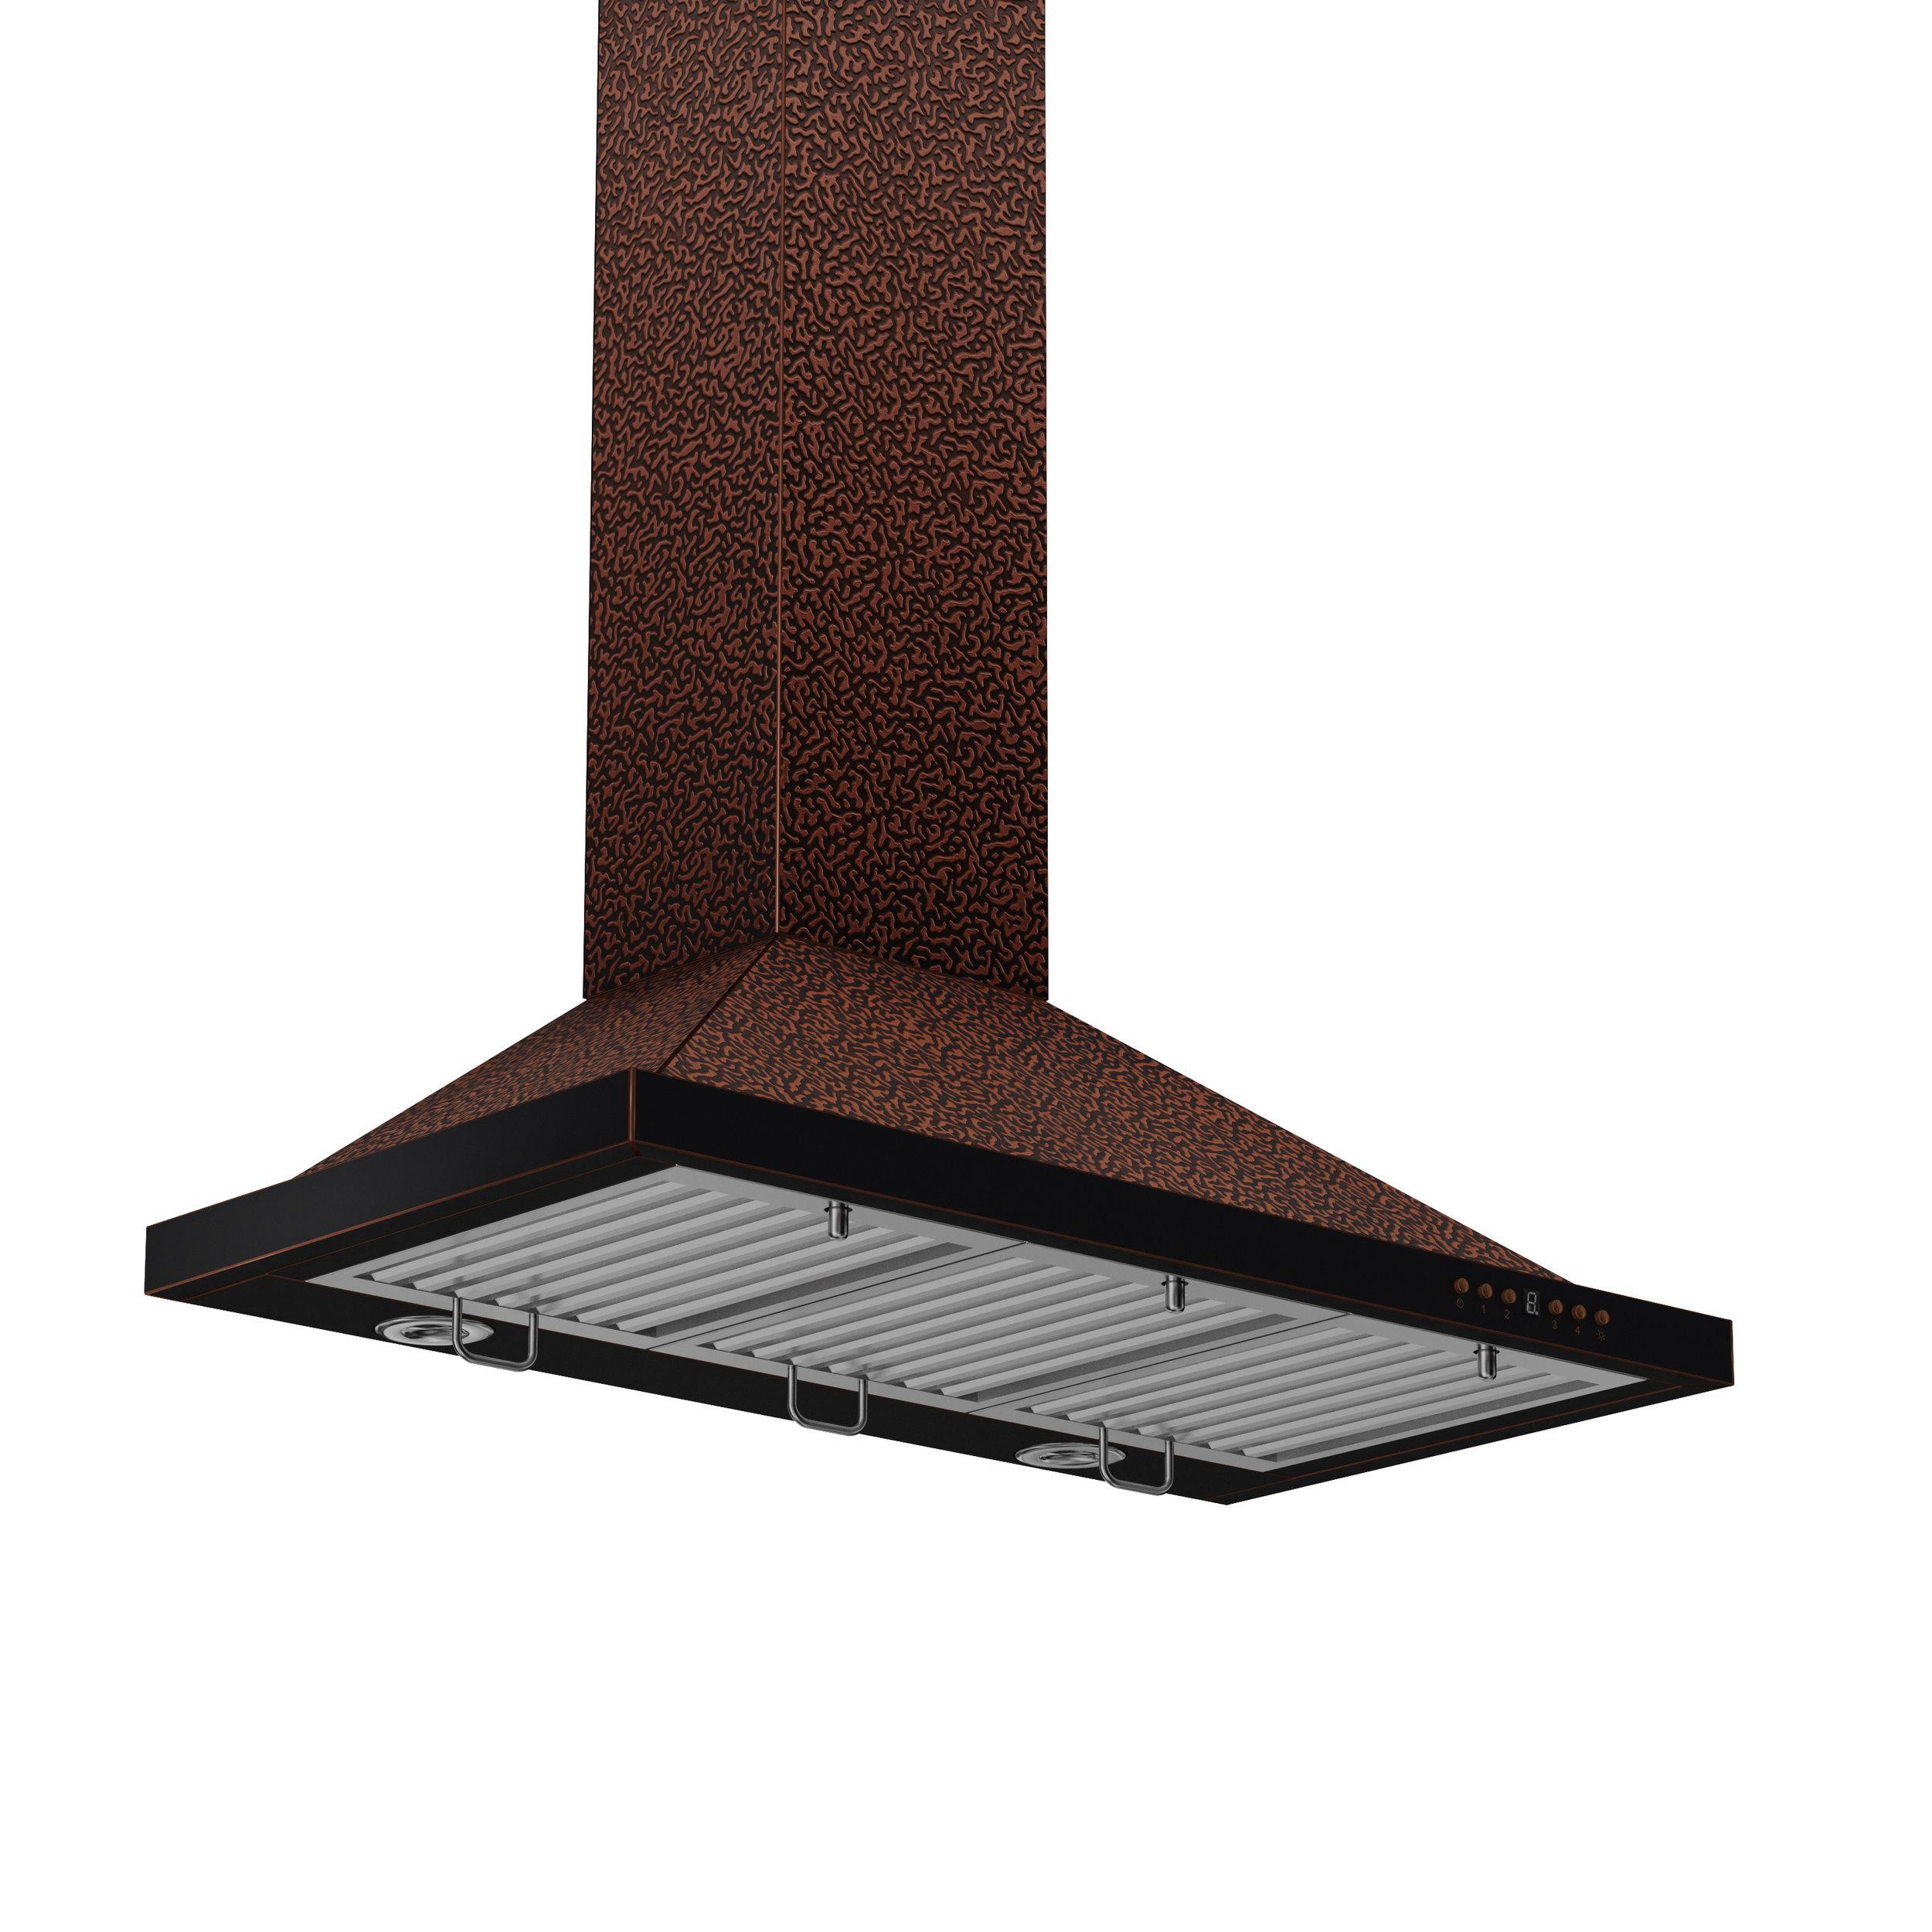 zline-copper-wall-mounted-range-hood-8KBE-side-under.jpg